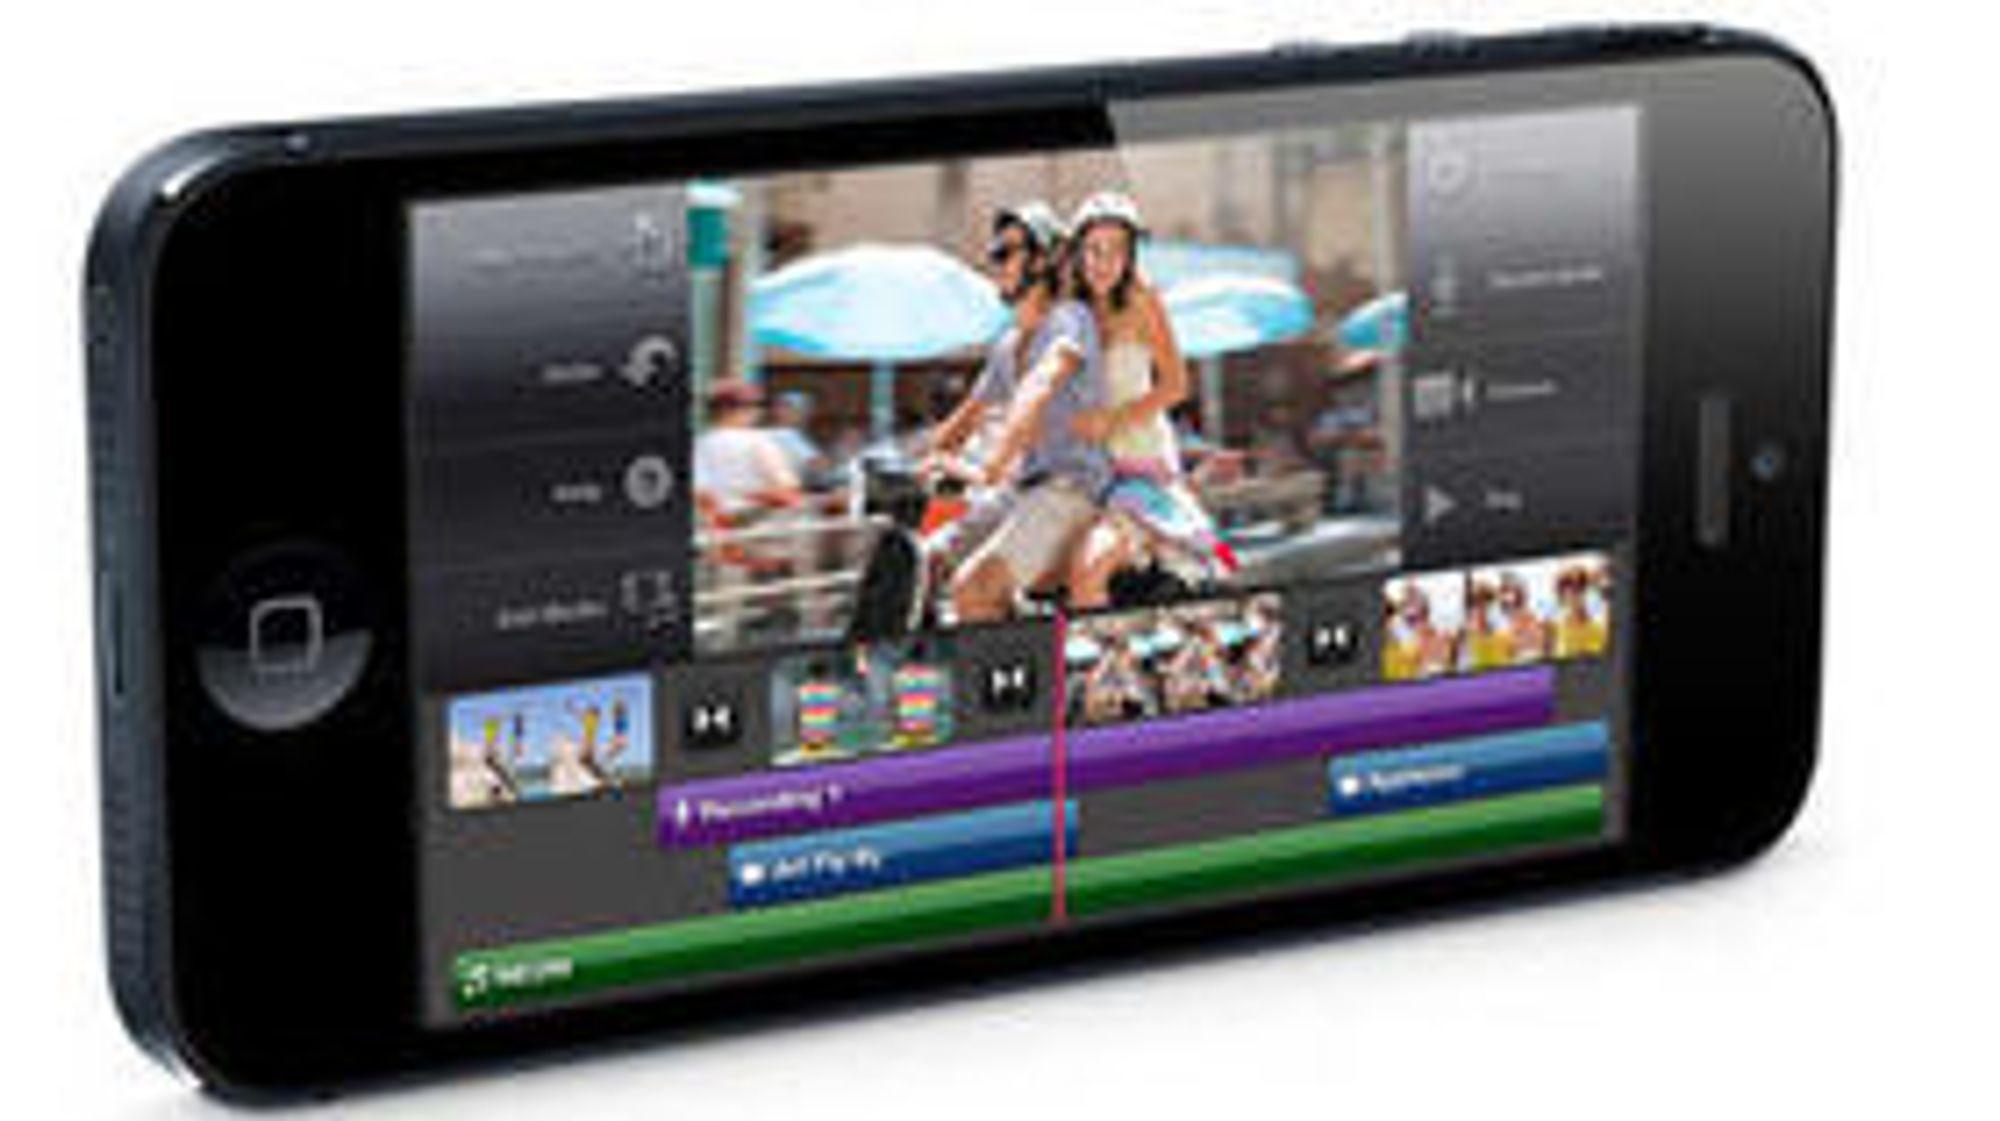 Større skjerm, tynnere, lettere og bedre fart. Dette har lokket millioner av kunder til å forhåndsbestille den nye iPhone 5.